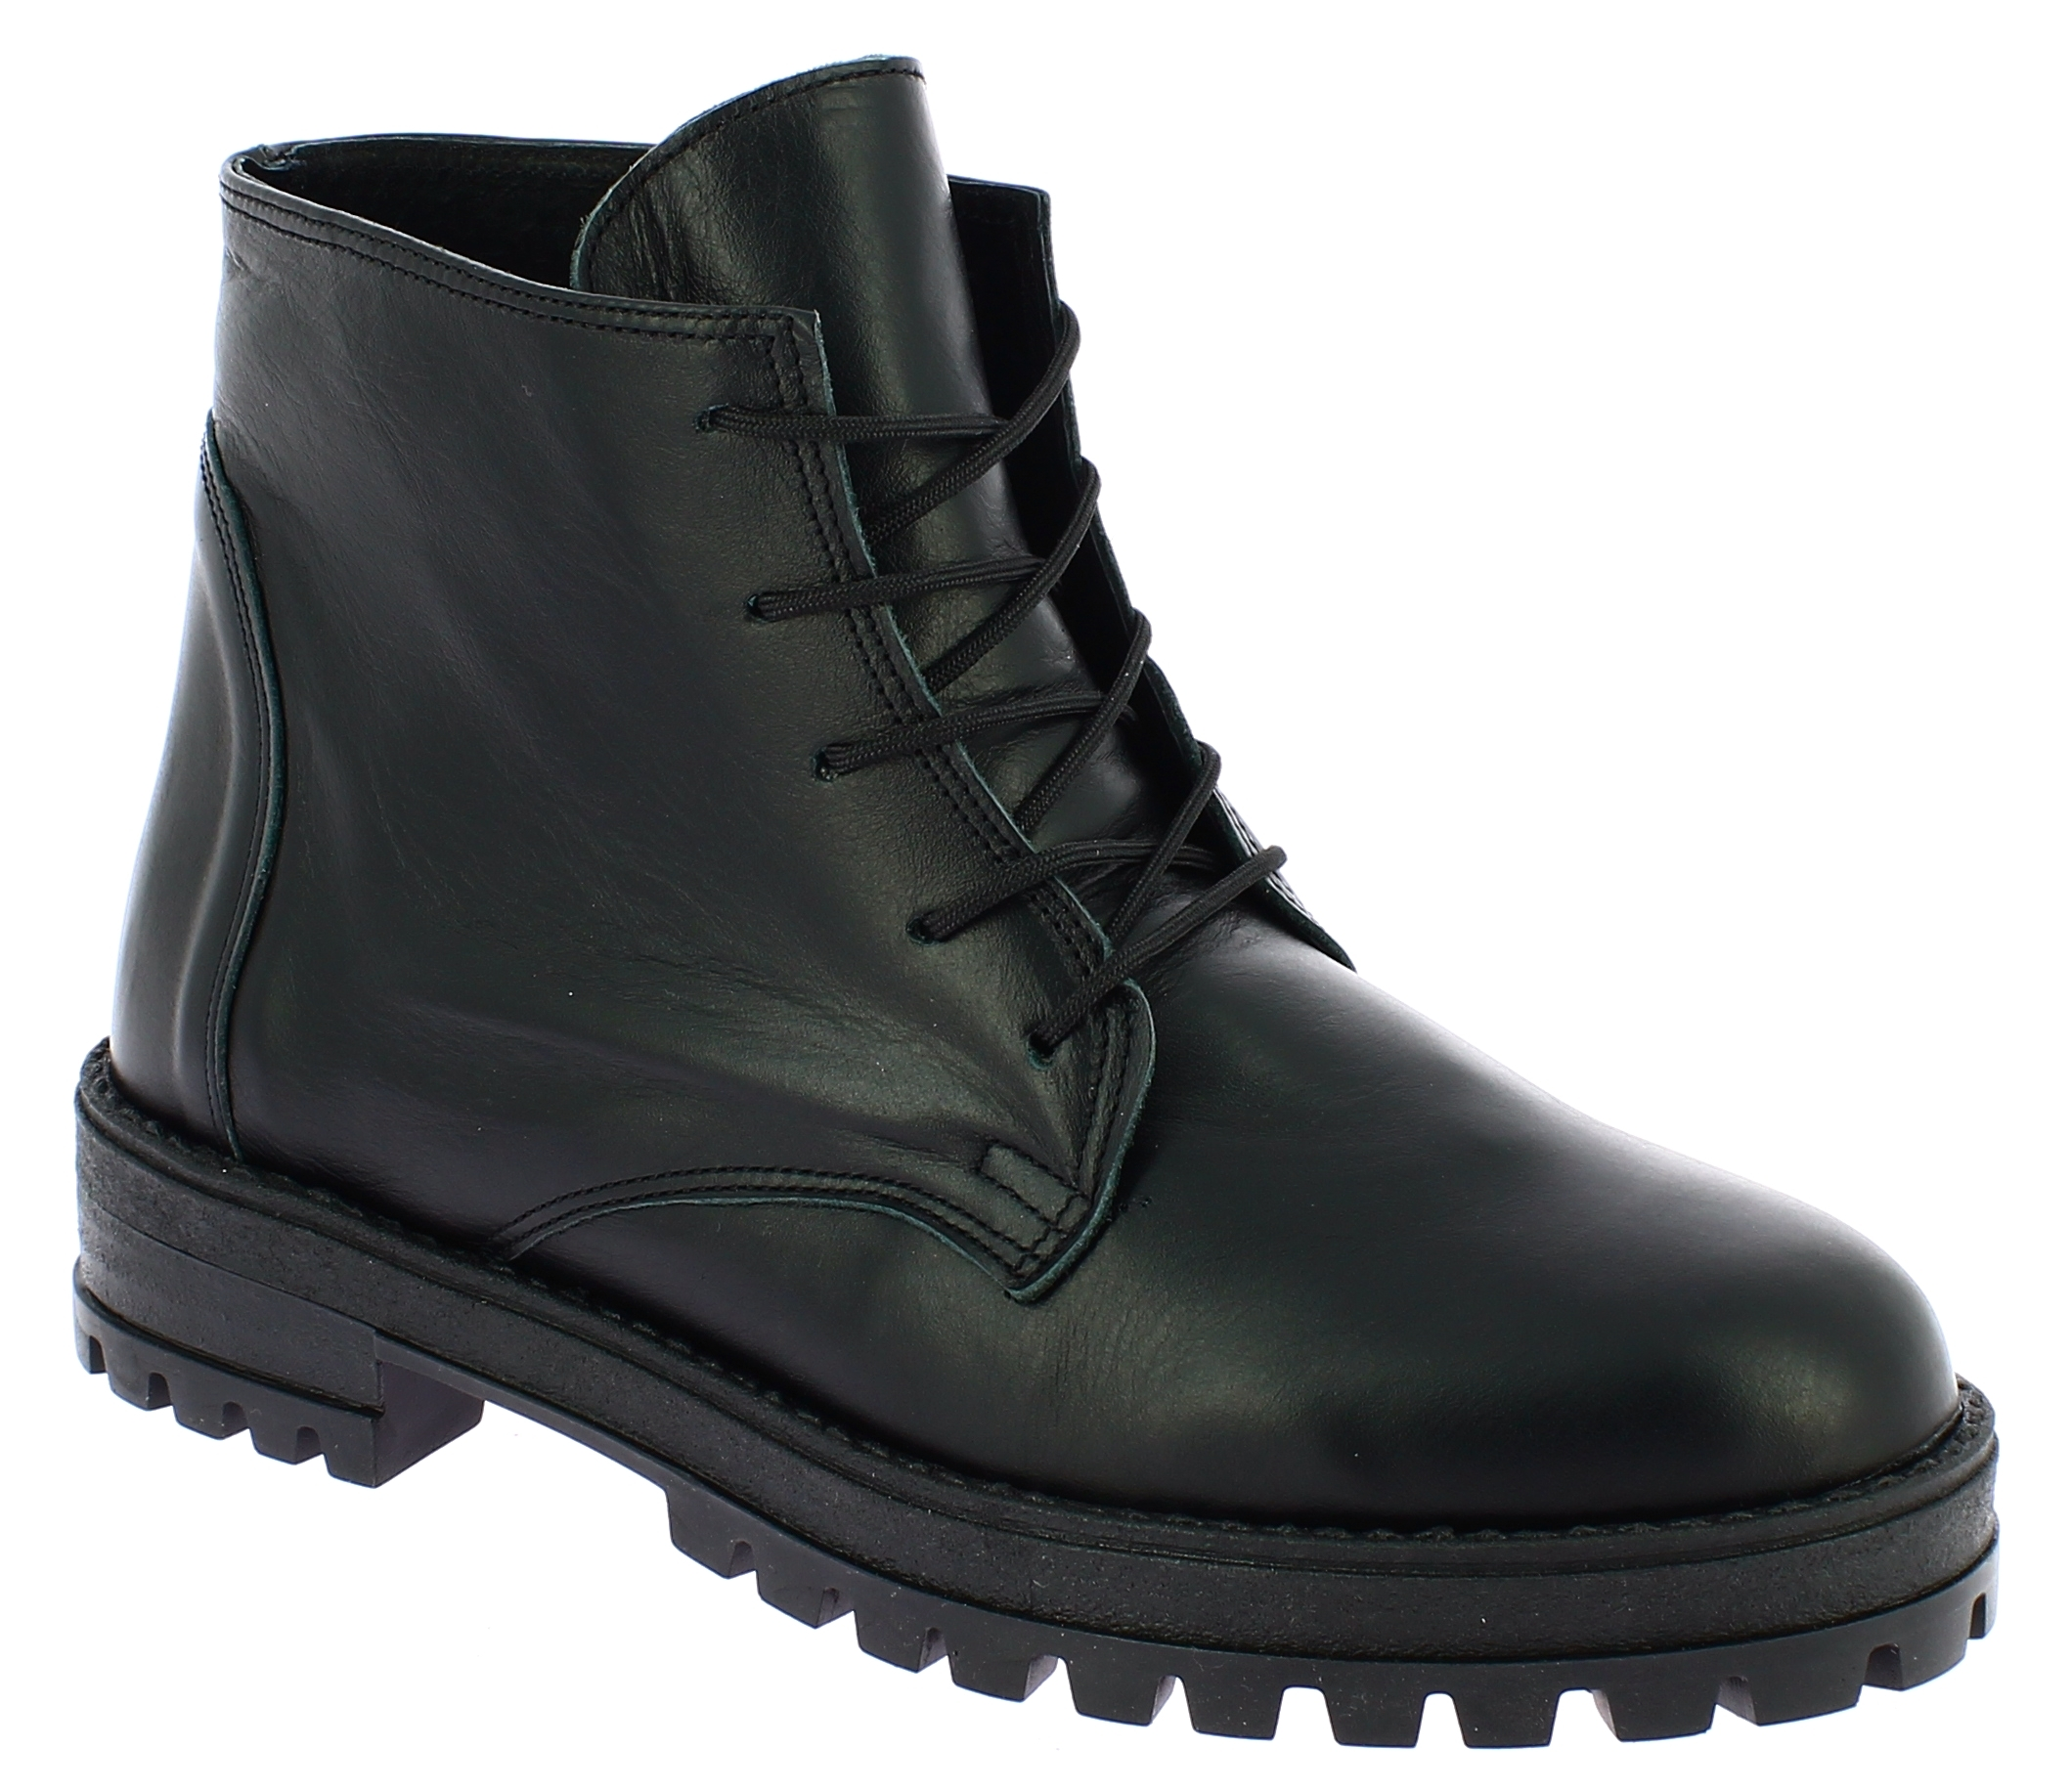 IQSHOES Γυναικείο Μποτάκι 2021 Μαύρο - IqShoes - 20.2021 BLACK-IQSHOES-black-36/ παπούτσια  new in